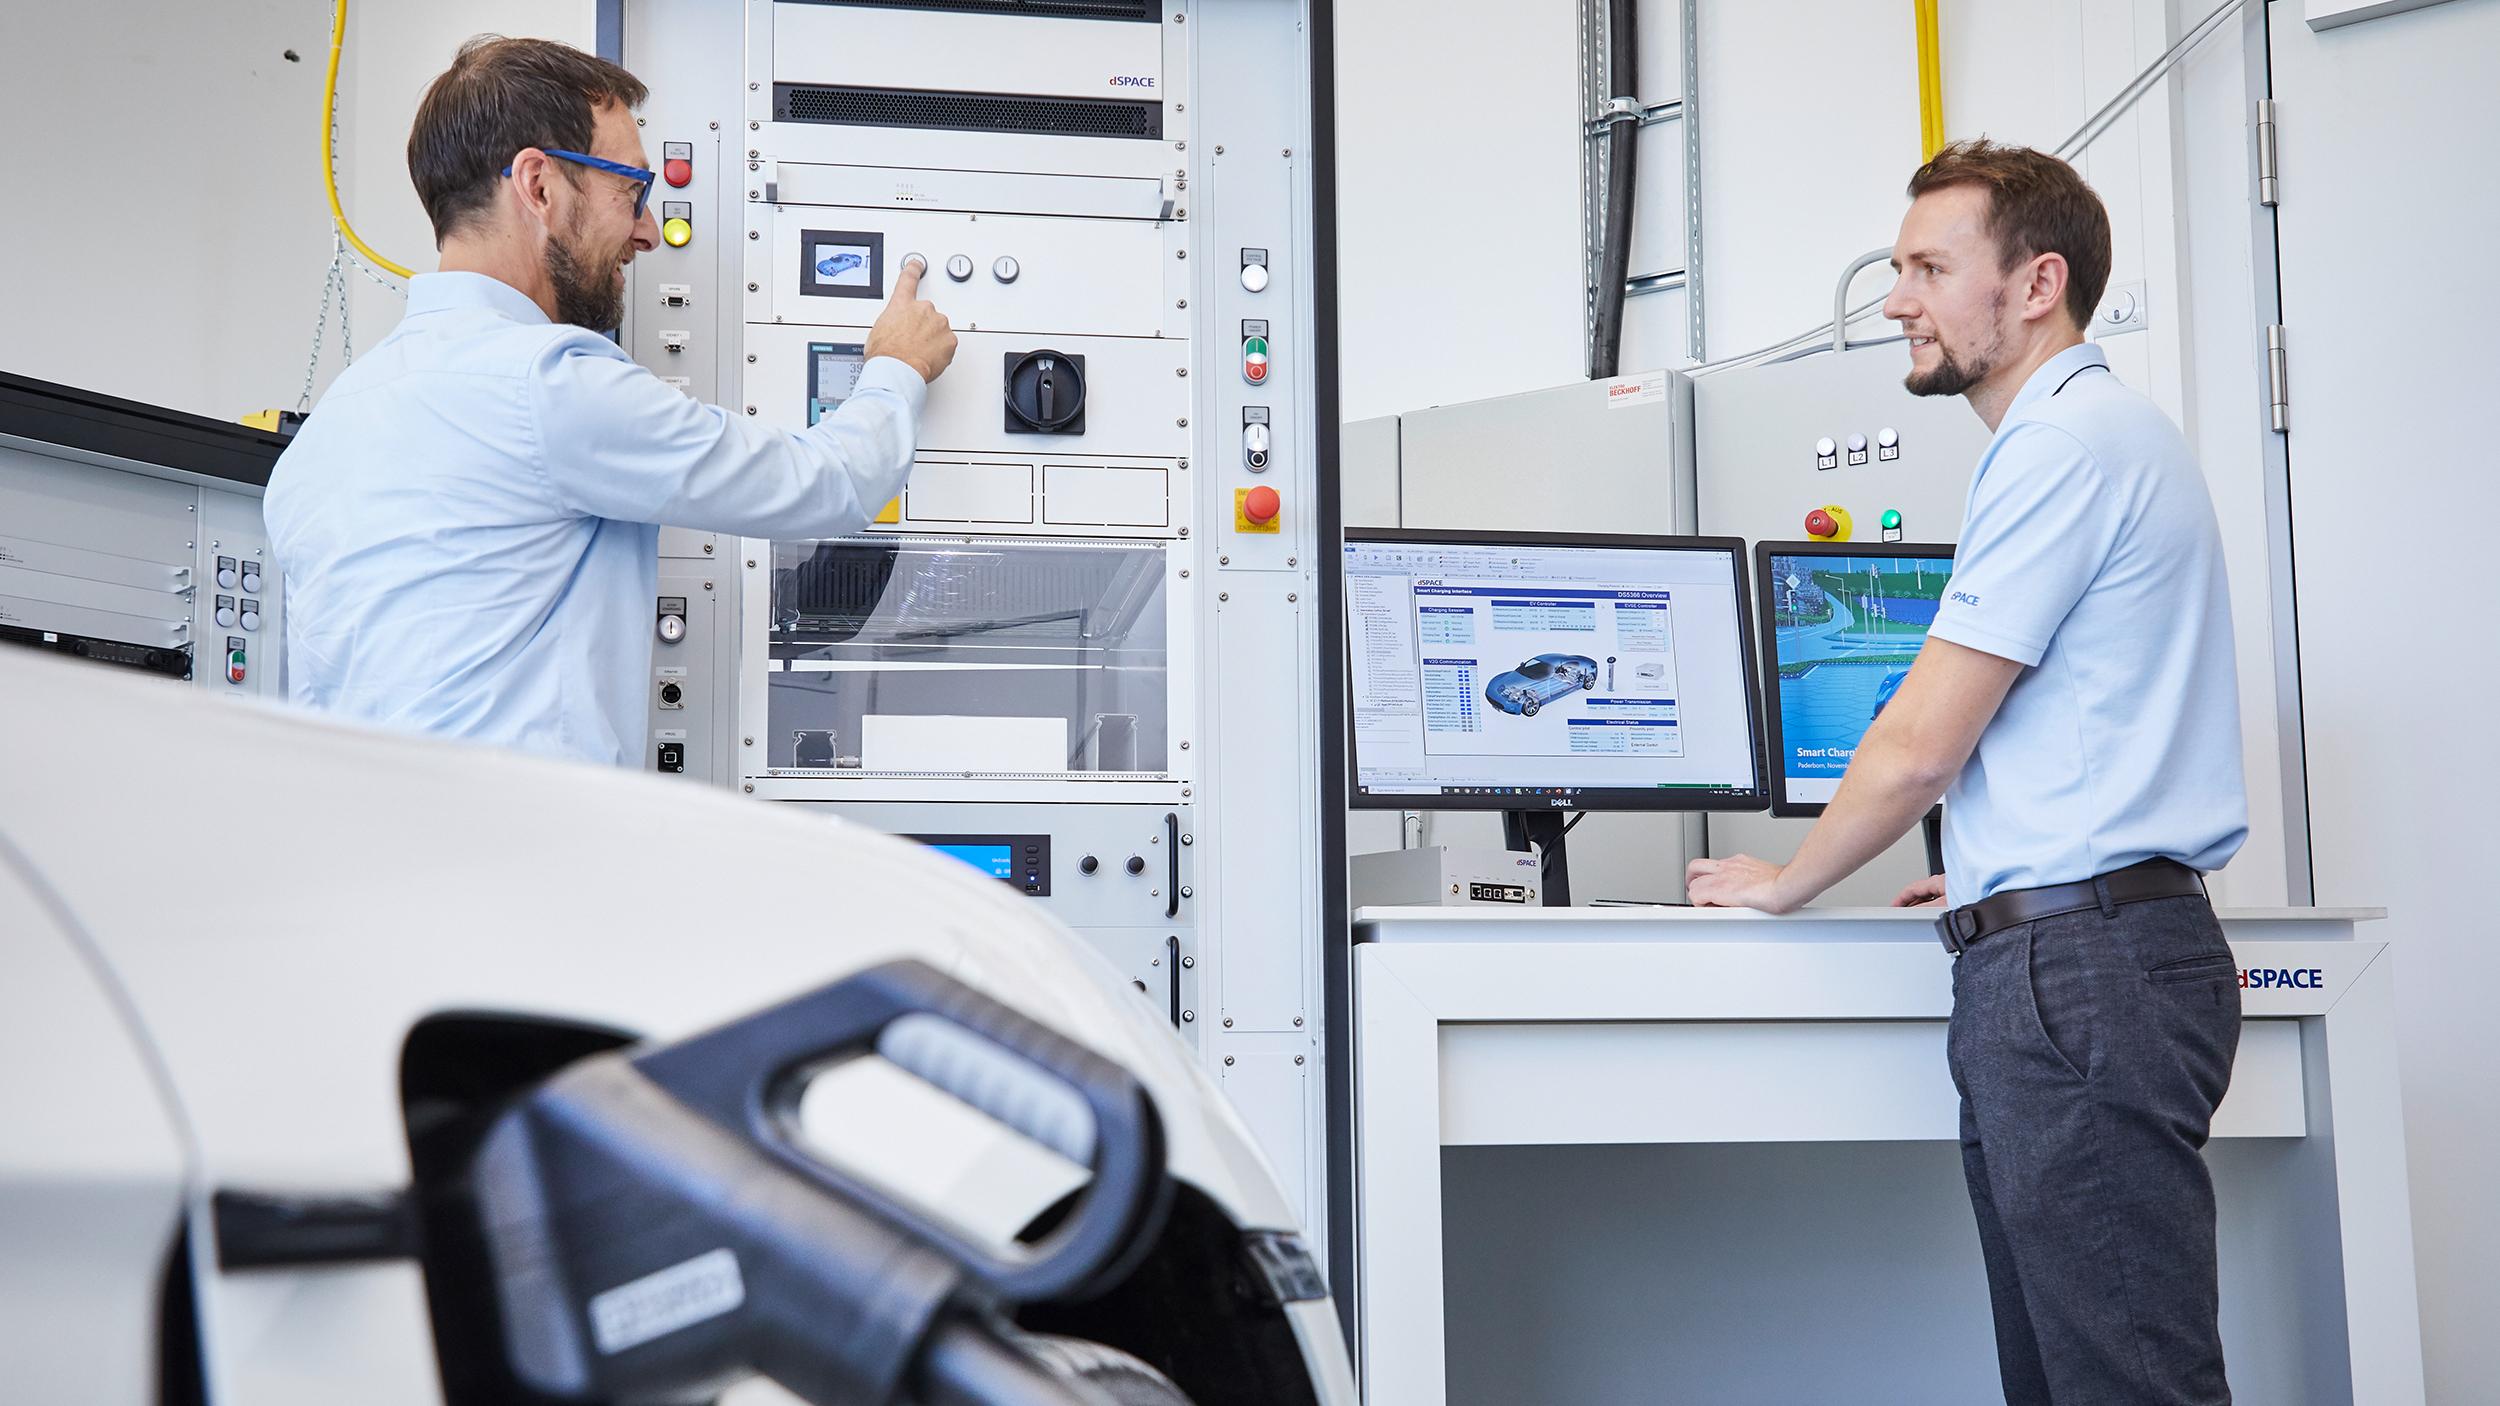 新しいスマート充電ステーションエミュレータにより、最大充電電力でのテスト実行が可能に